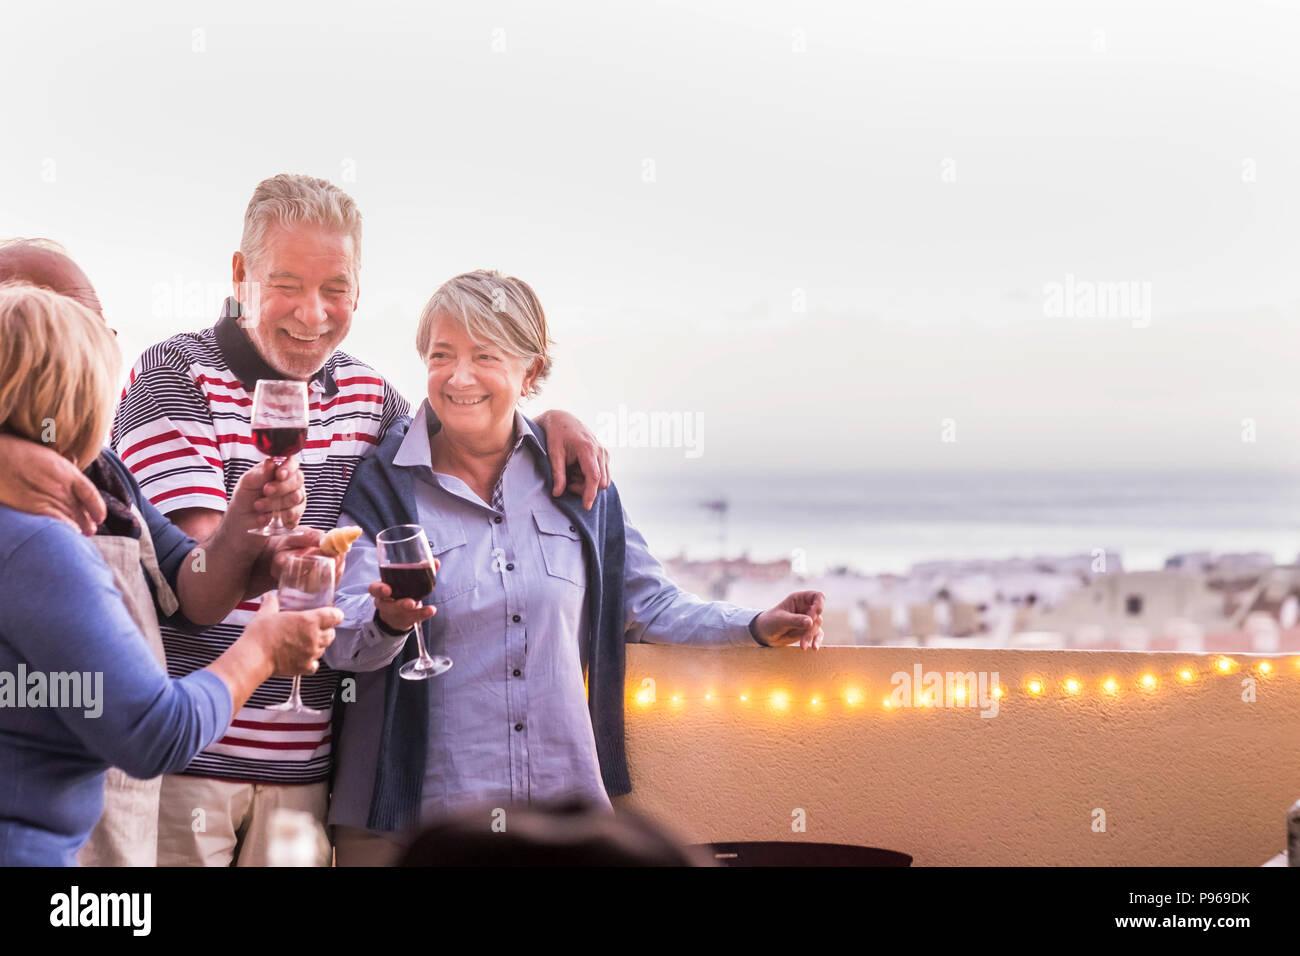 Célébration en plein air de l'événement pour un groupe de personnes adultes. drkinking vin dans le toit-terrasse avec belle vue sur l'arrière-plan. bonne vie togethe Photo Stock